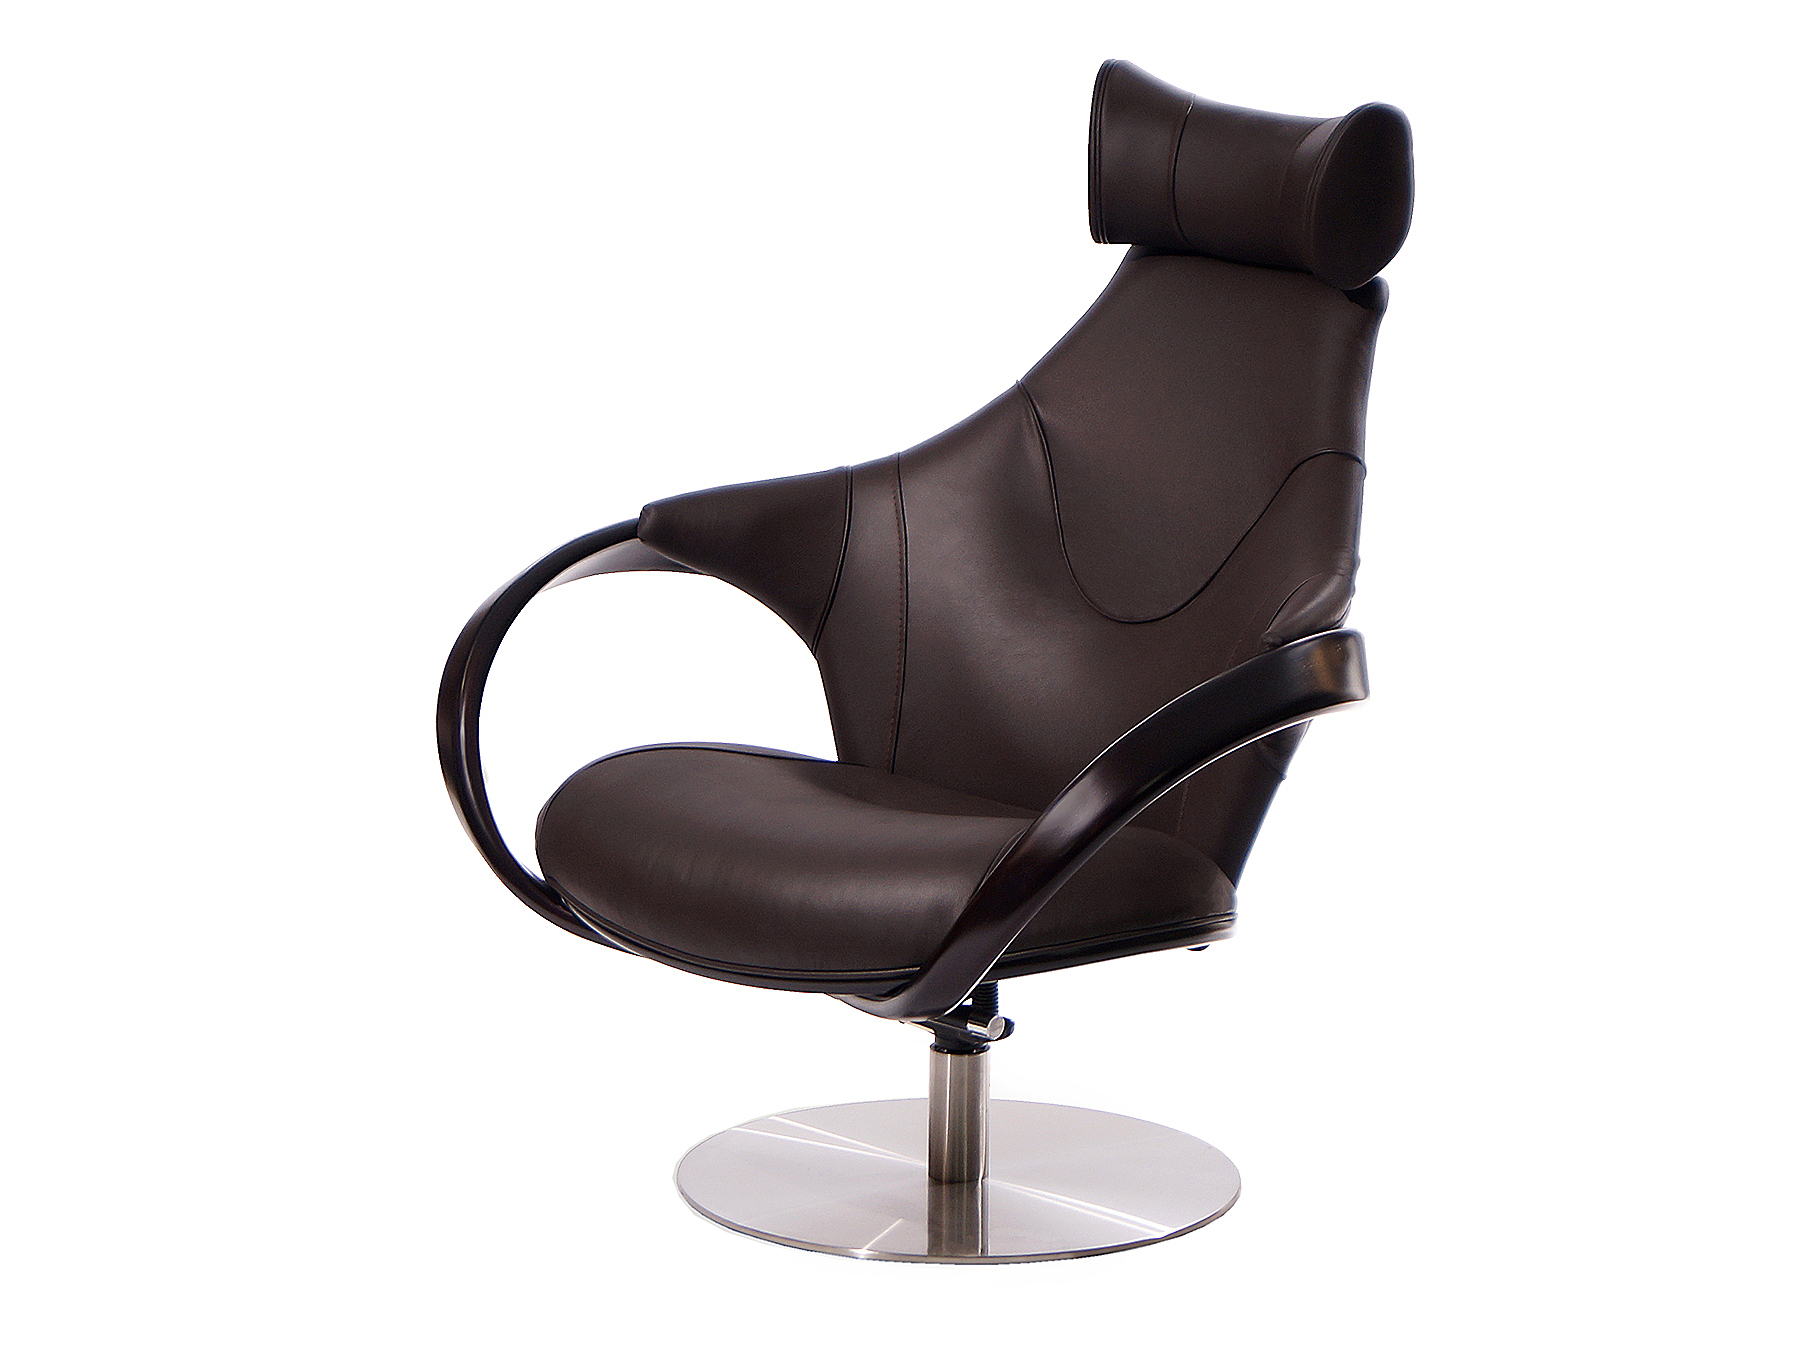 Кресло apriori r (actualdesign) коричневый 85.0x110.0x102.0 см. фото